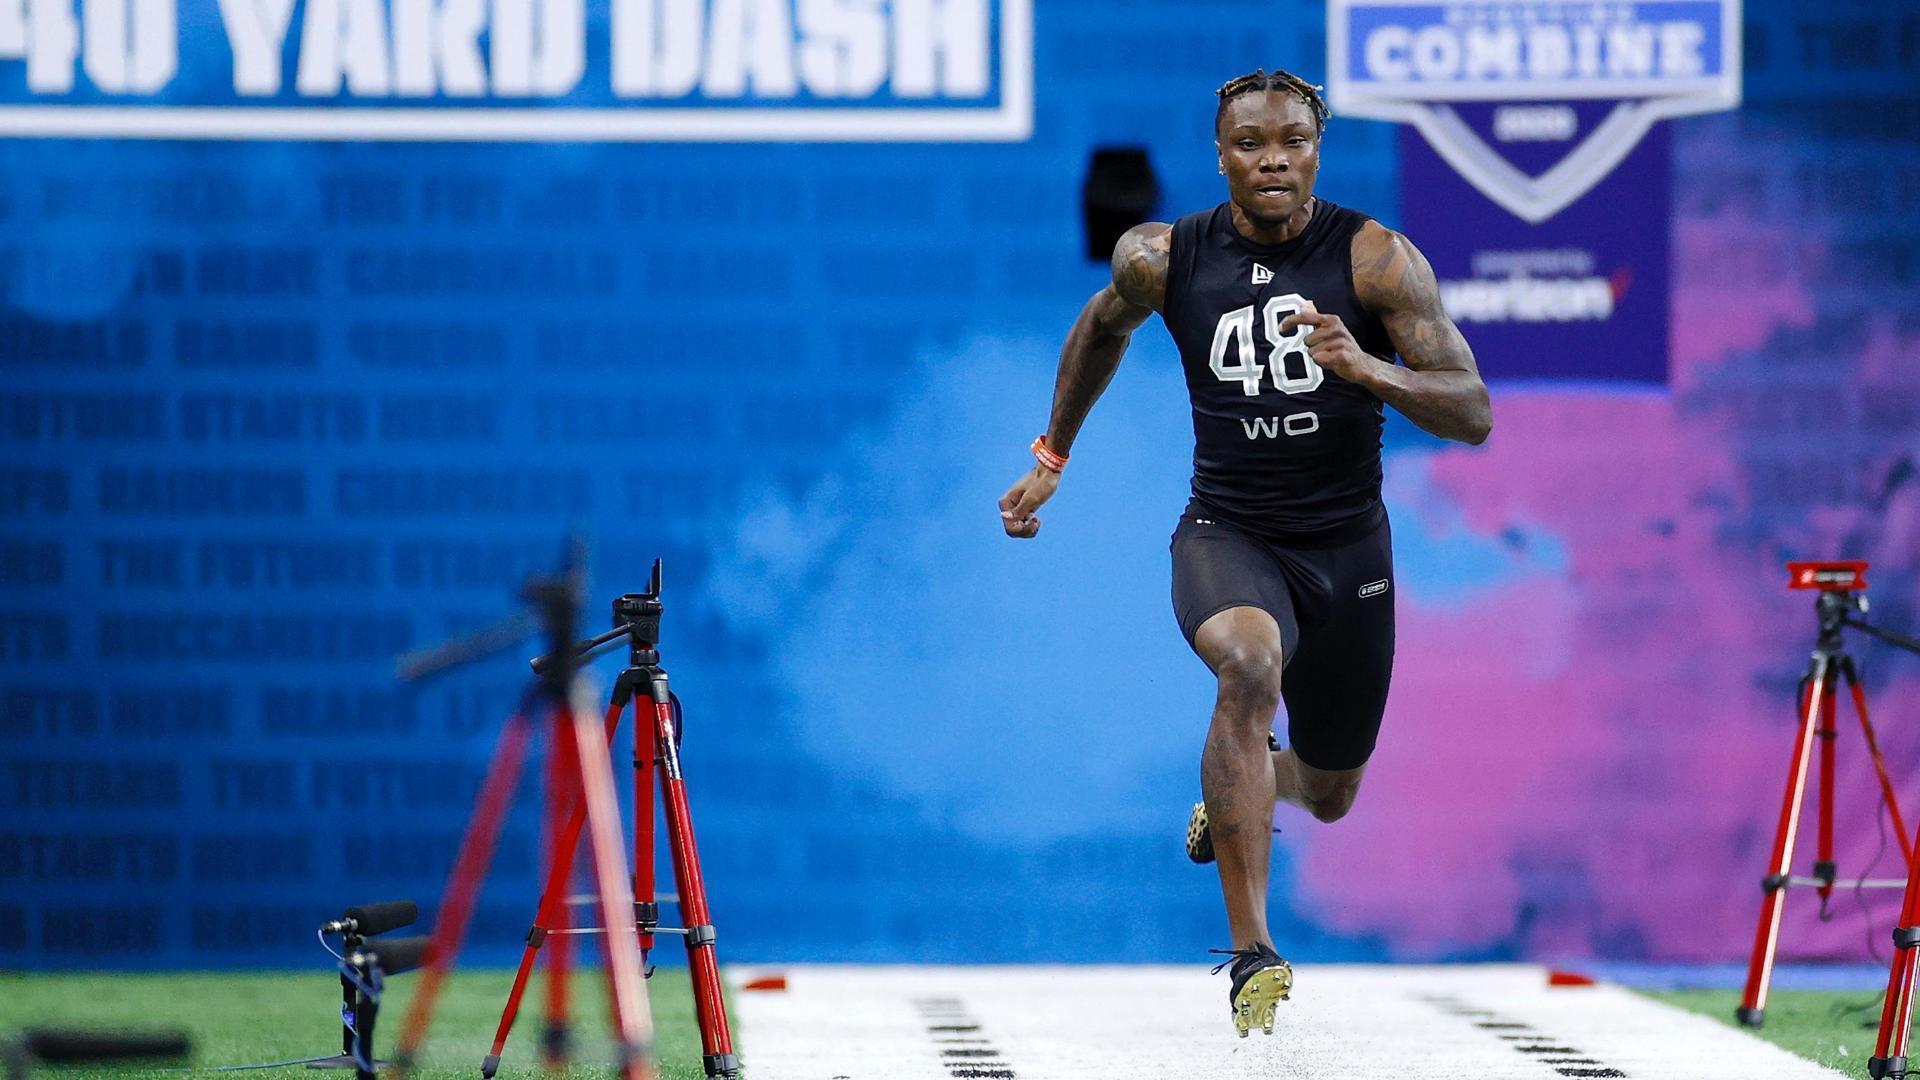 Ruggs runs combine-best 4.27 40-yard dash